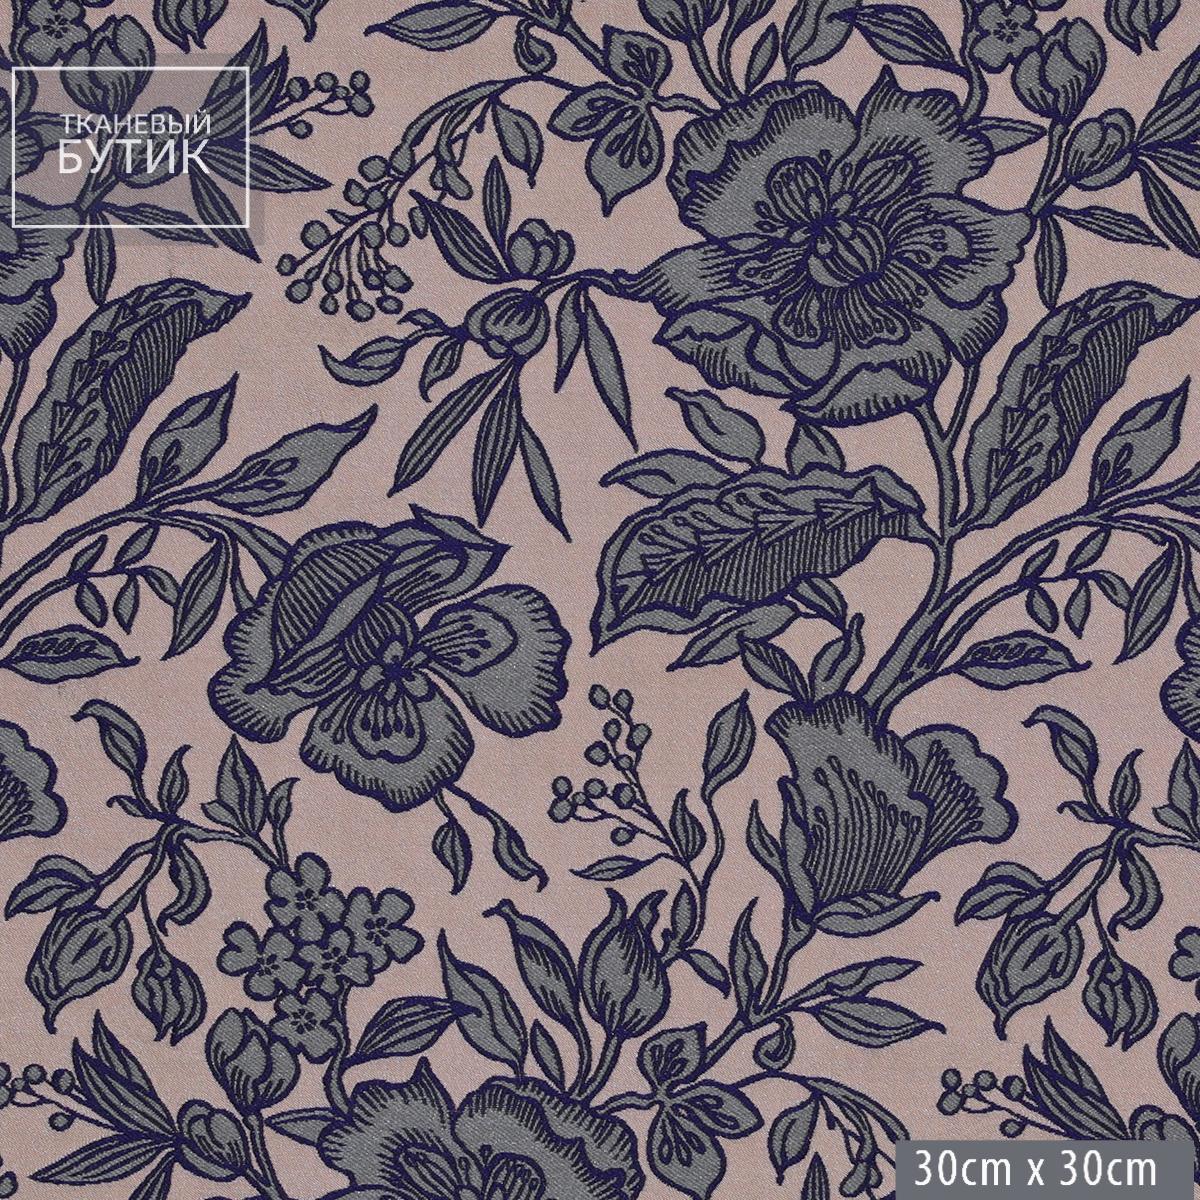 Приглушенно-розовый шелковистый жаккард с серыми цветами